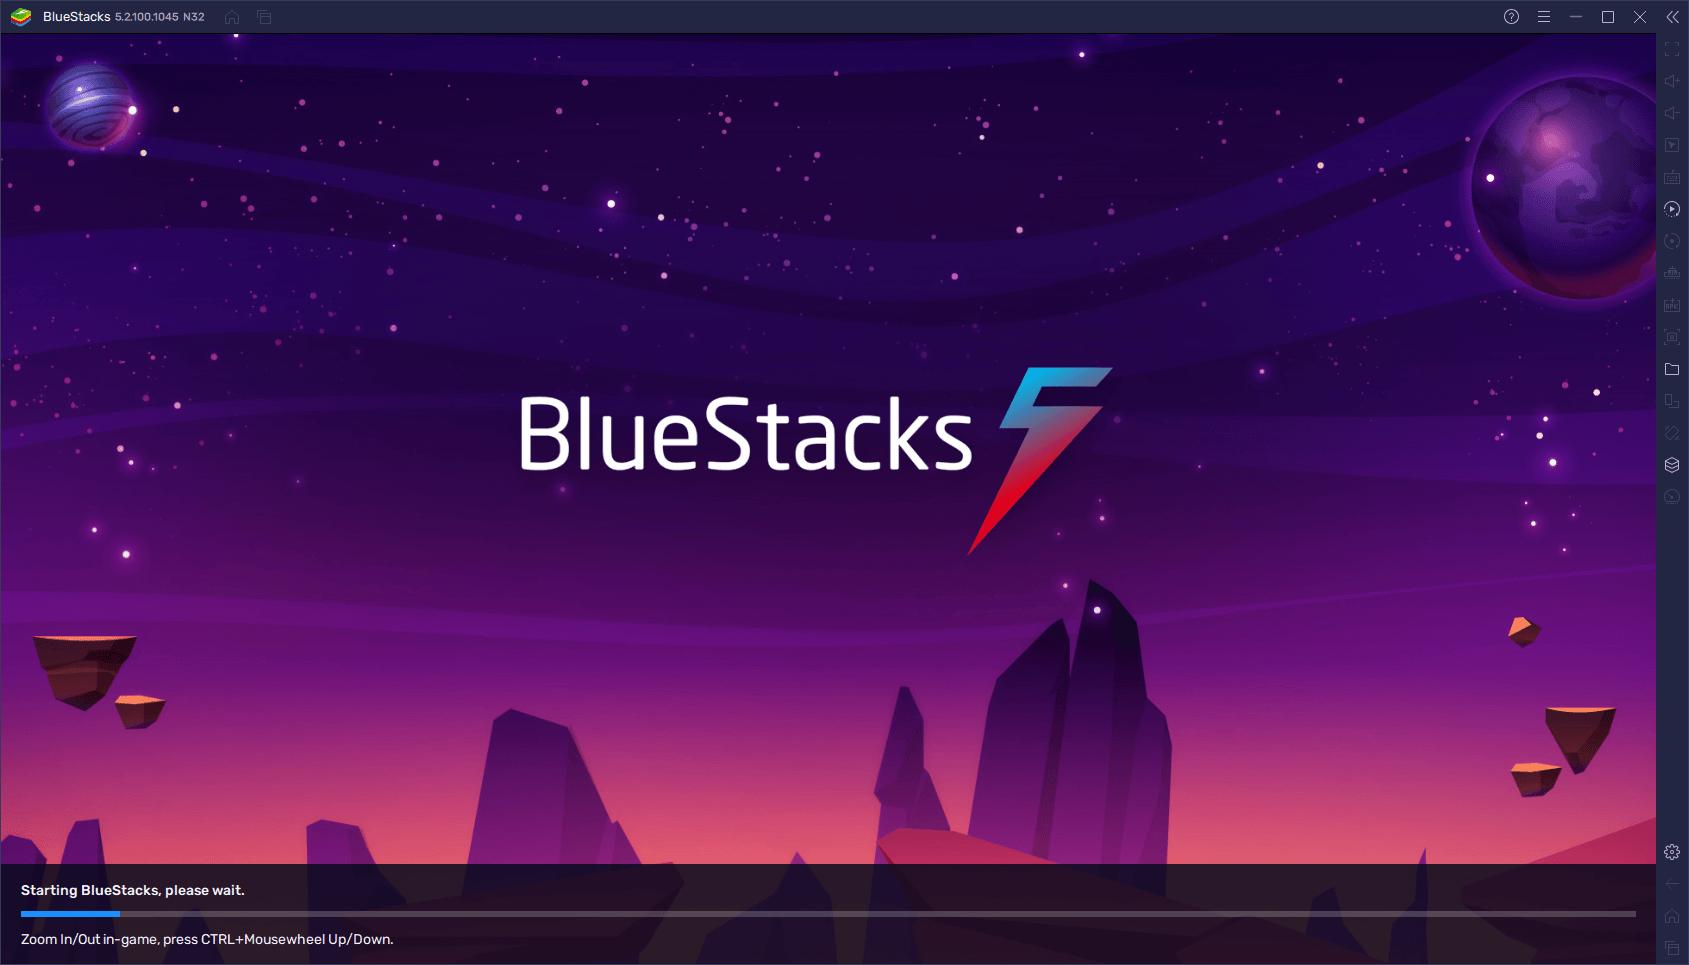 La Dernière Mise à Jour BlueStacks Intègre Android 9 Ainsi qu'un Catalogue de Jeux Élargi